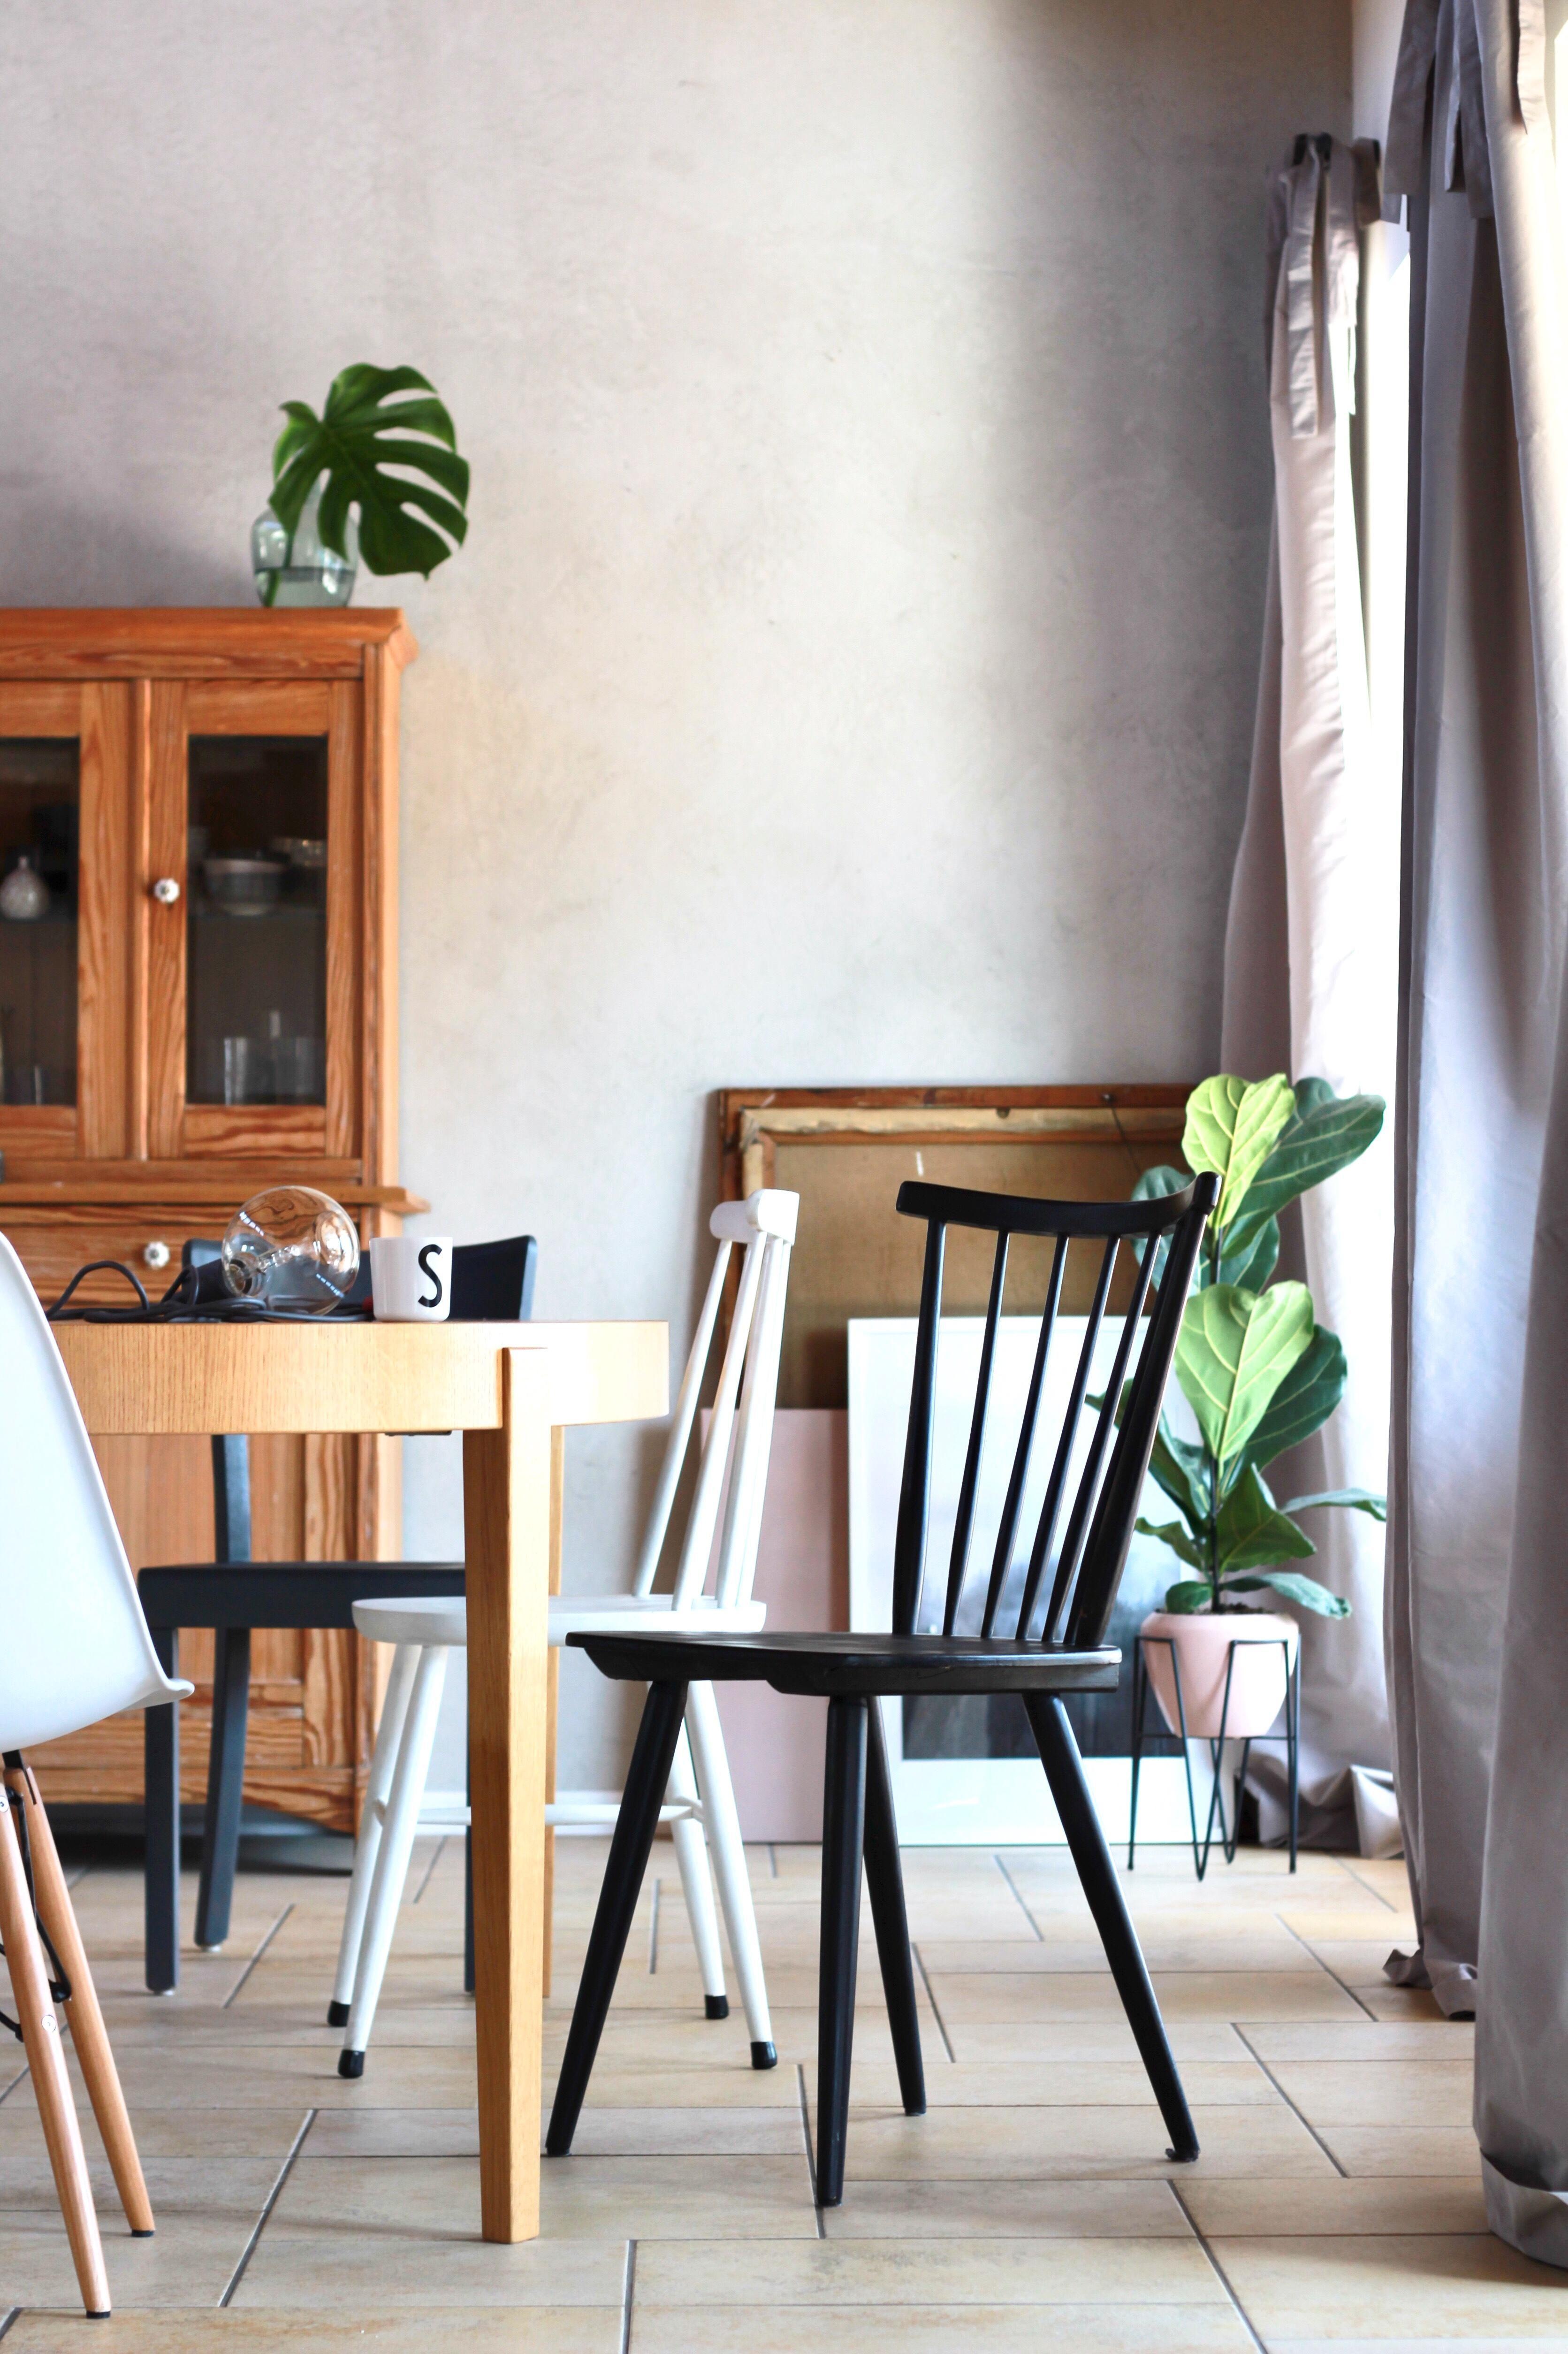 Neulich Im Esszimmer... #interior #living #esszimmer #stuhlmix #betonwand